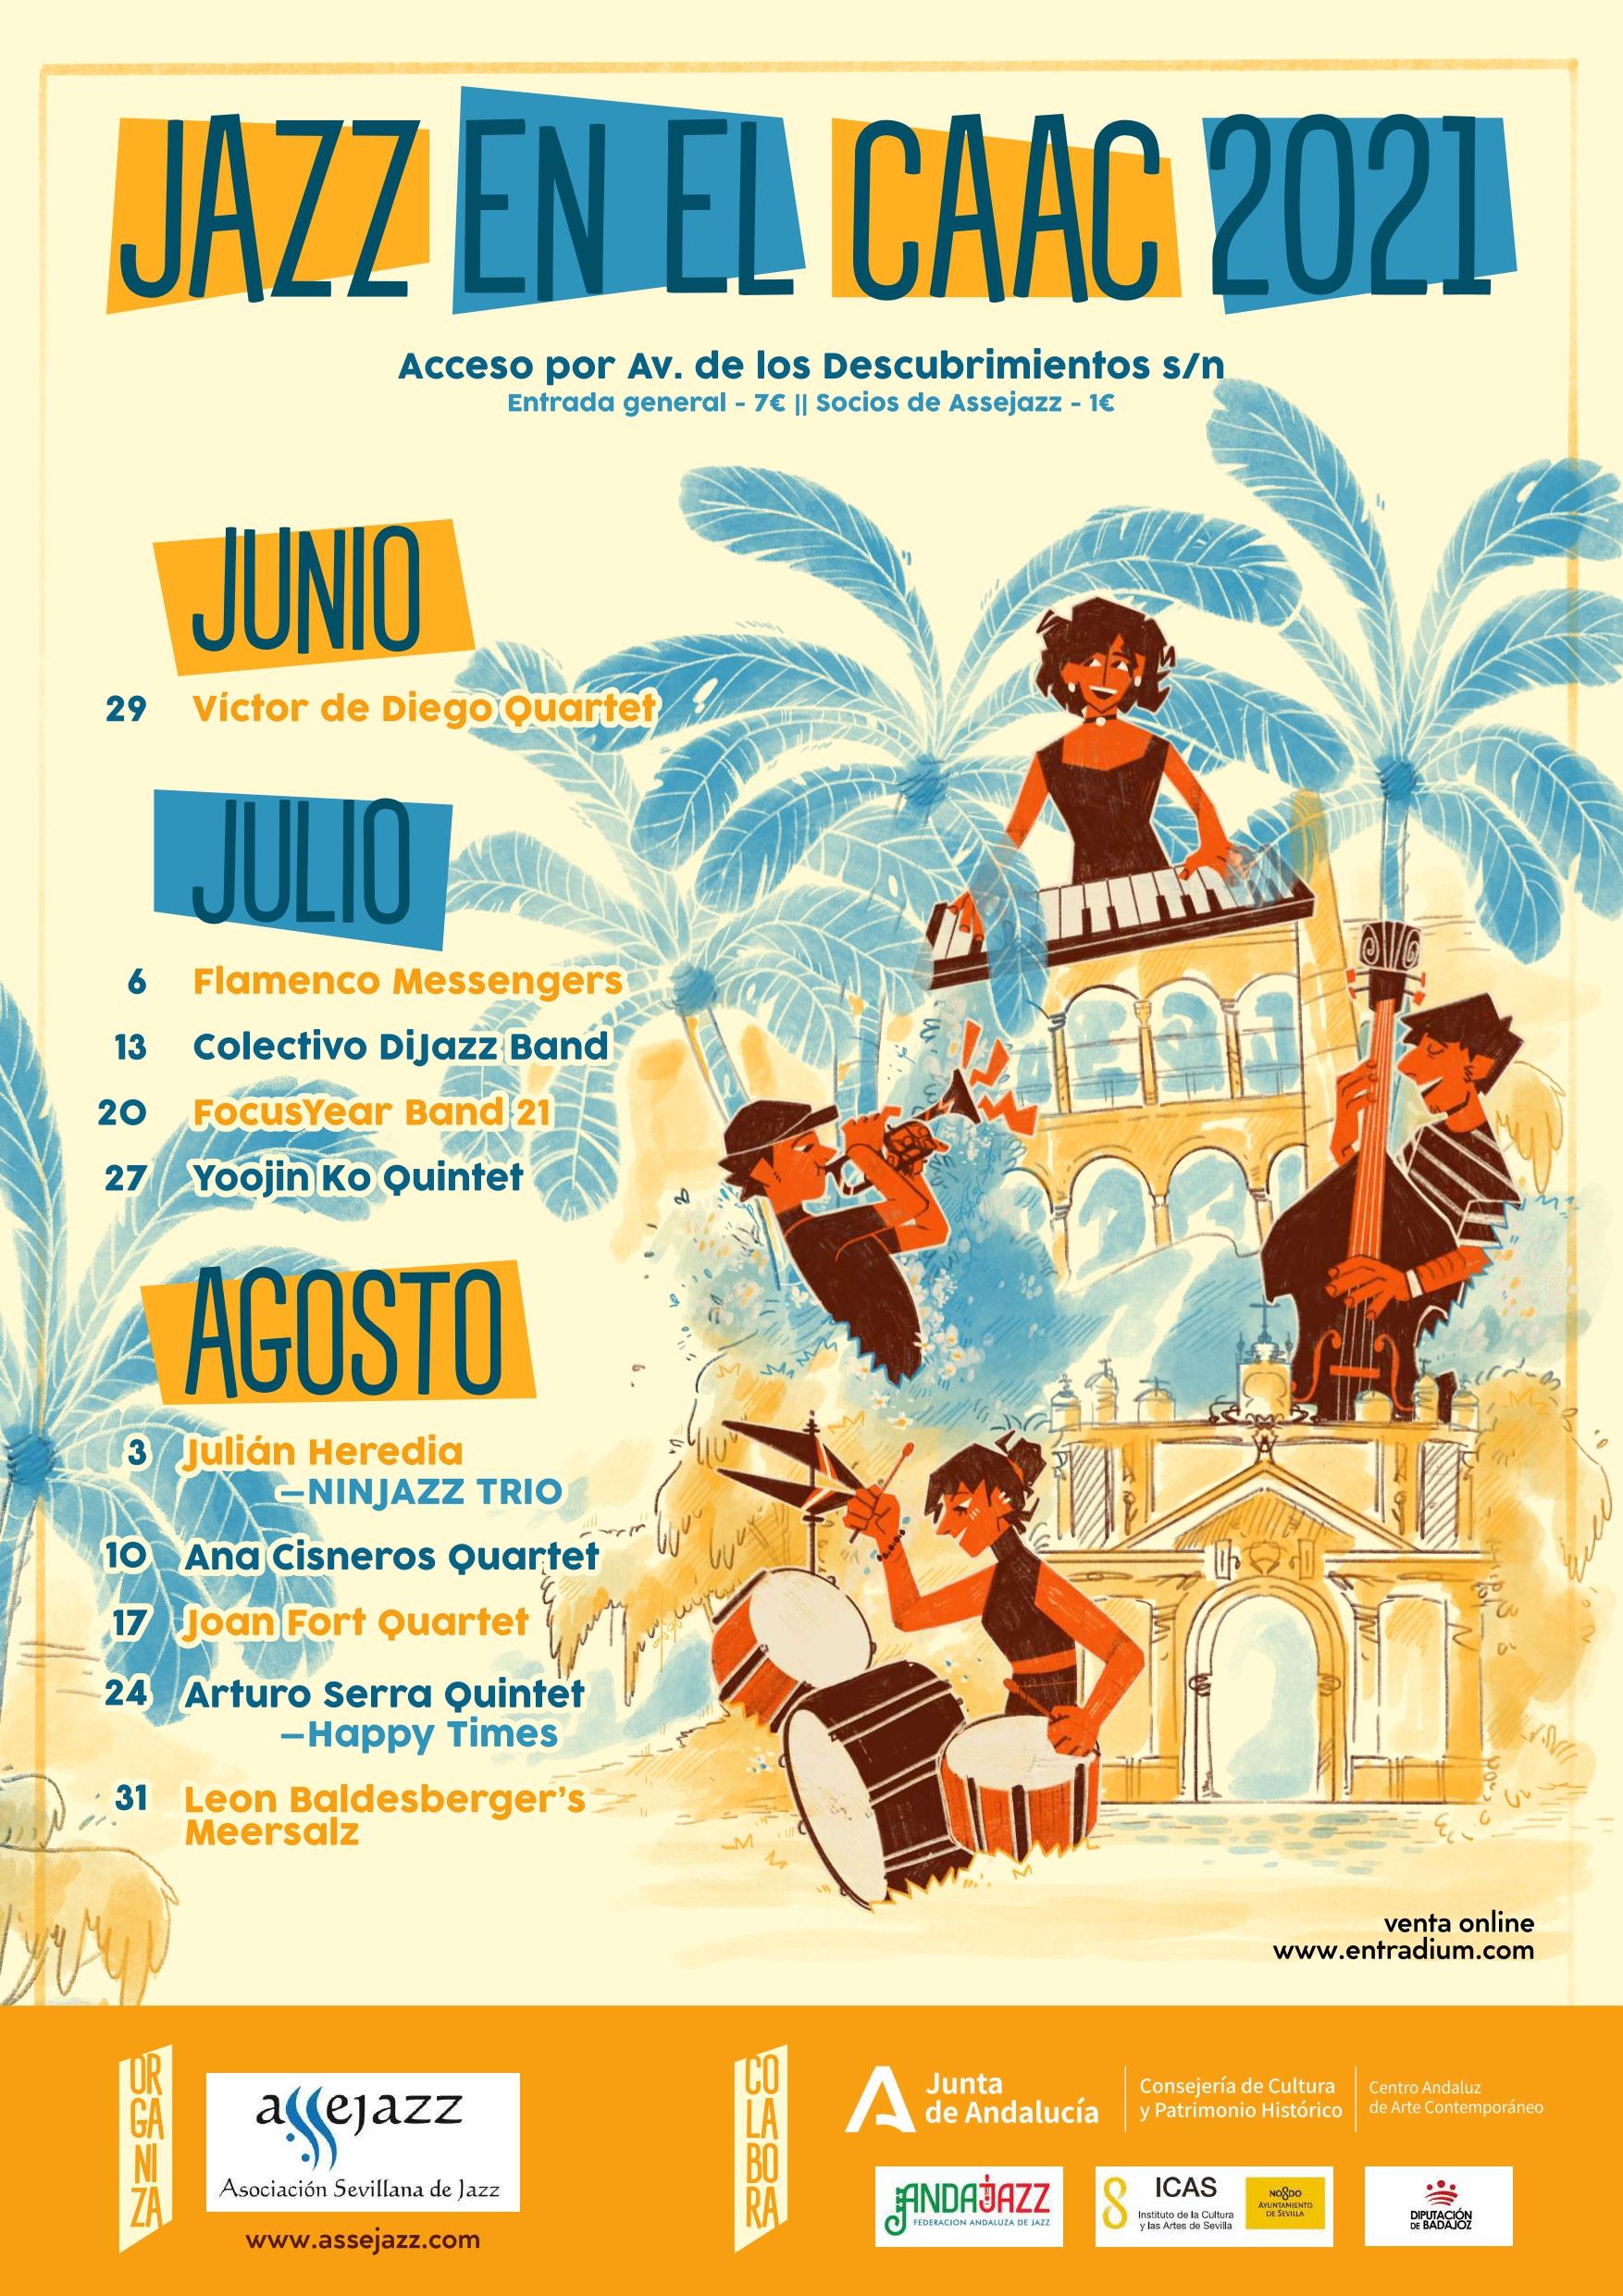 Jazz en el CAAC. Conciertos - Verano 2021